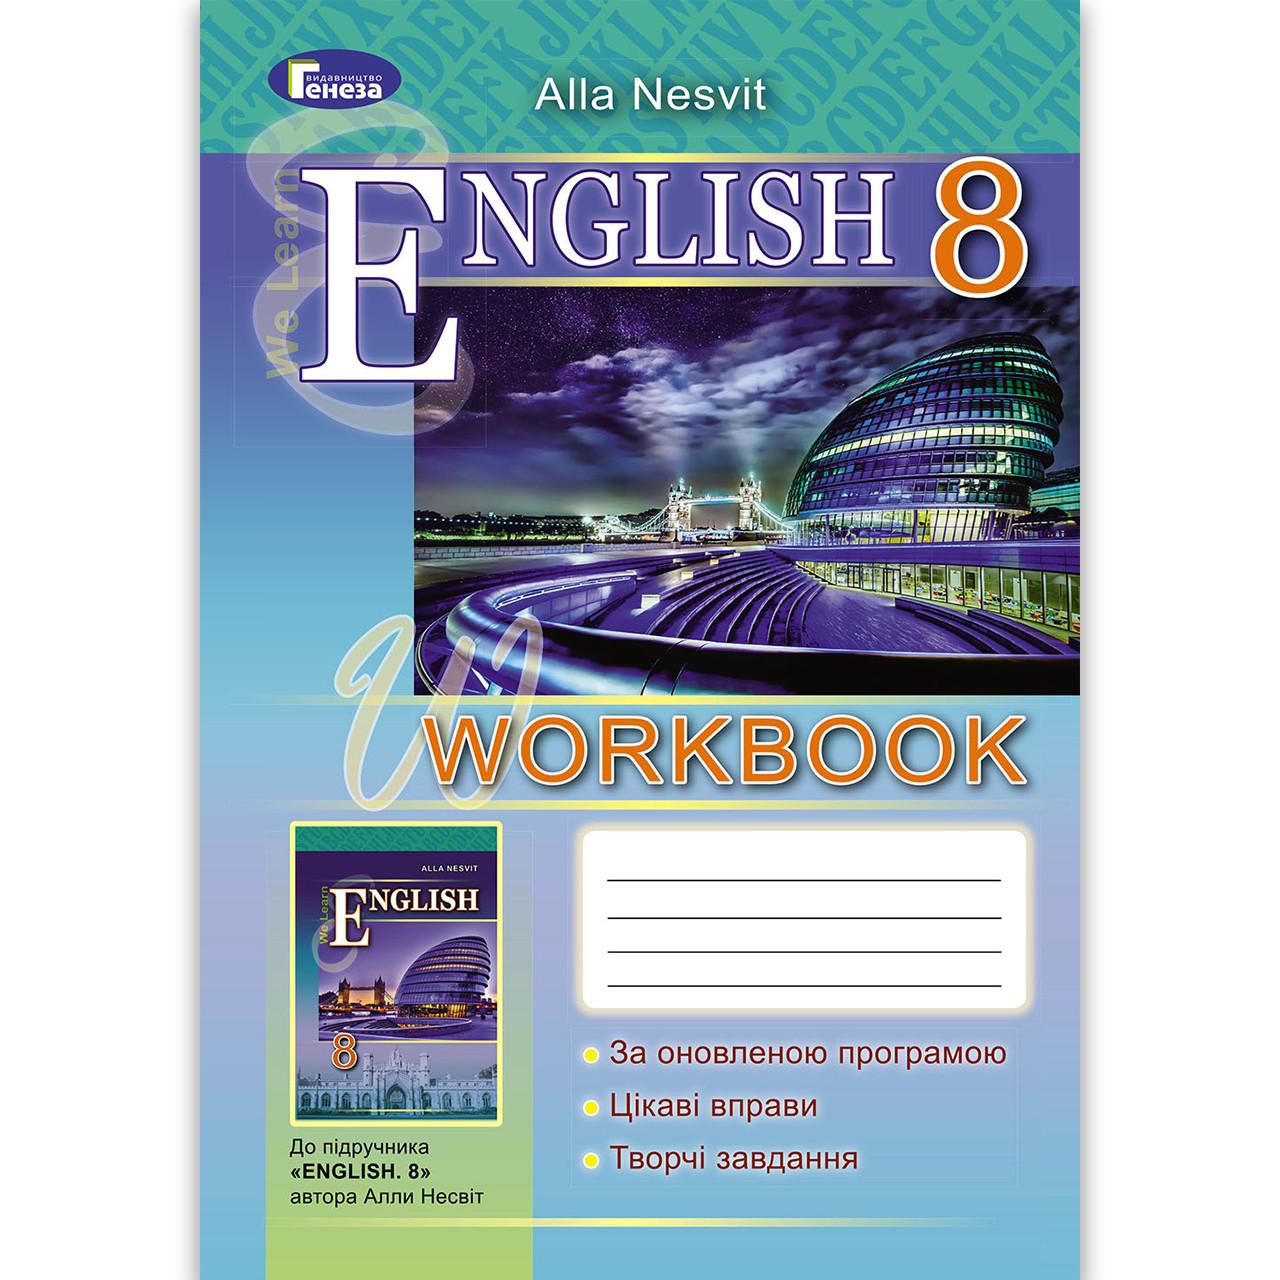 Зошит Англійська мова 8 клас Авт: Несвіт А. Вид: Генеза